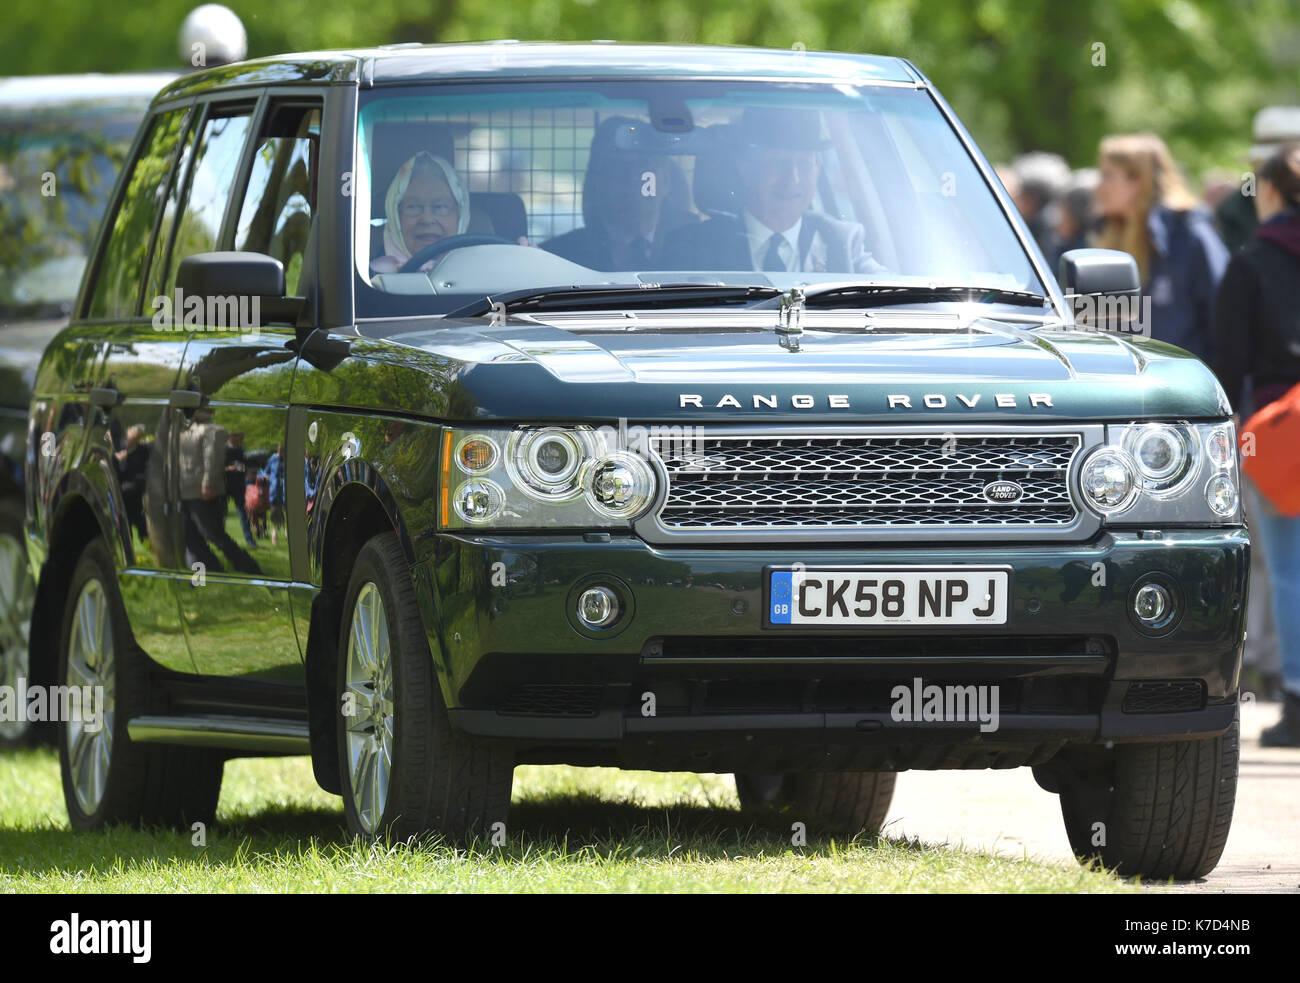 Photo Must Be Credited CAlpha Press 079965 14 05 2016 Queen Elizabeth II